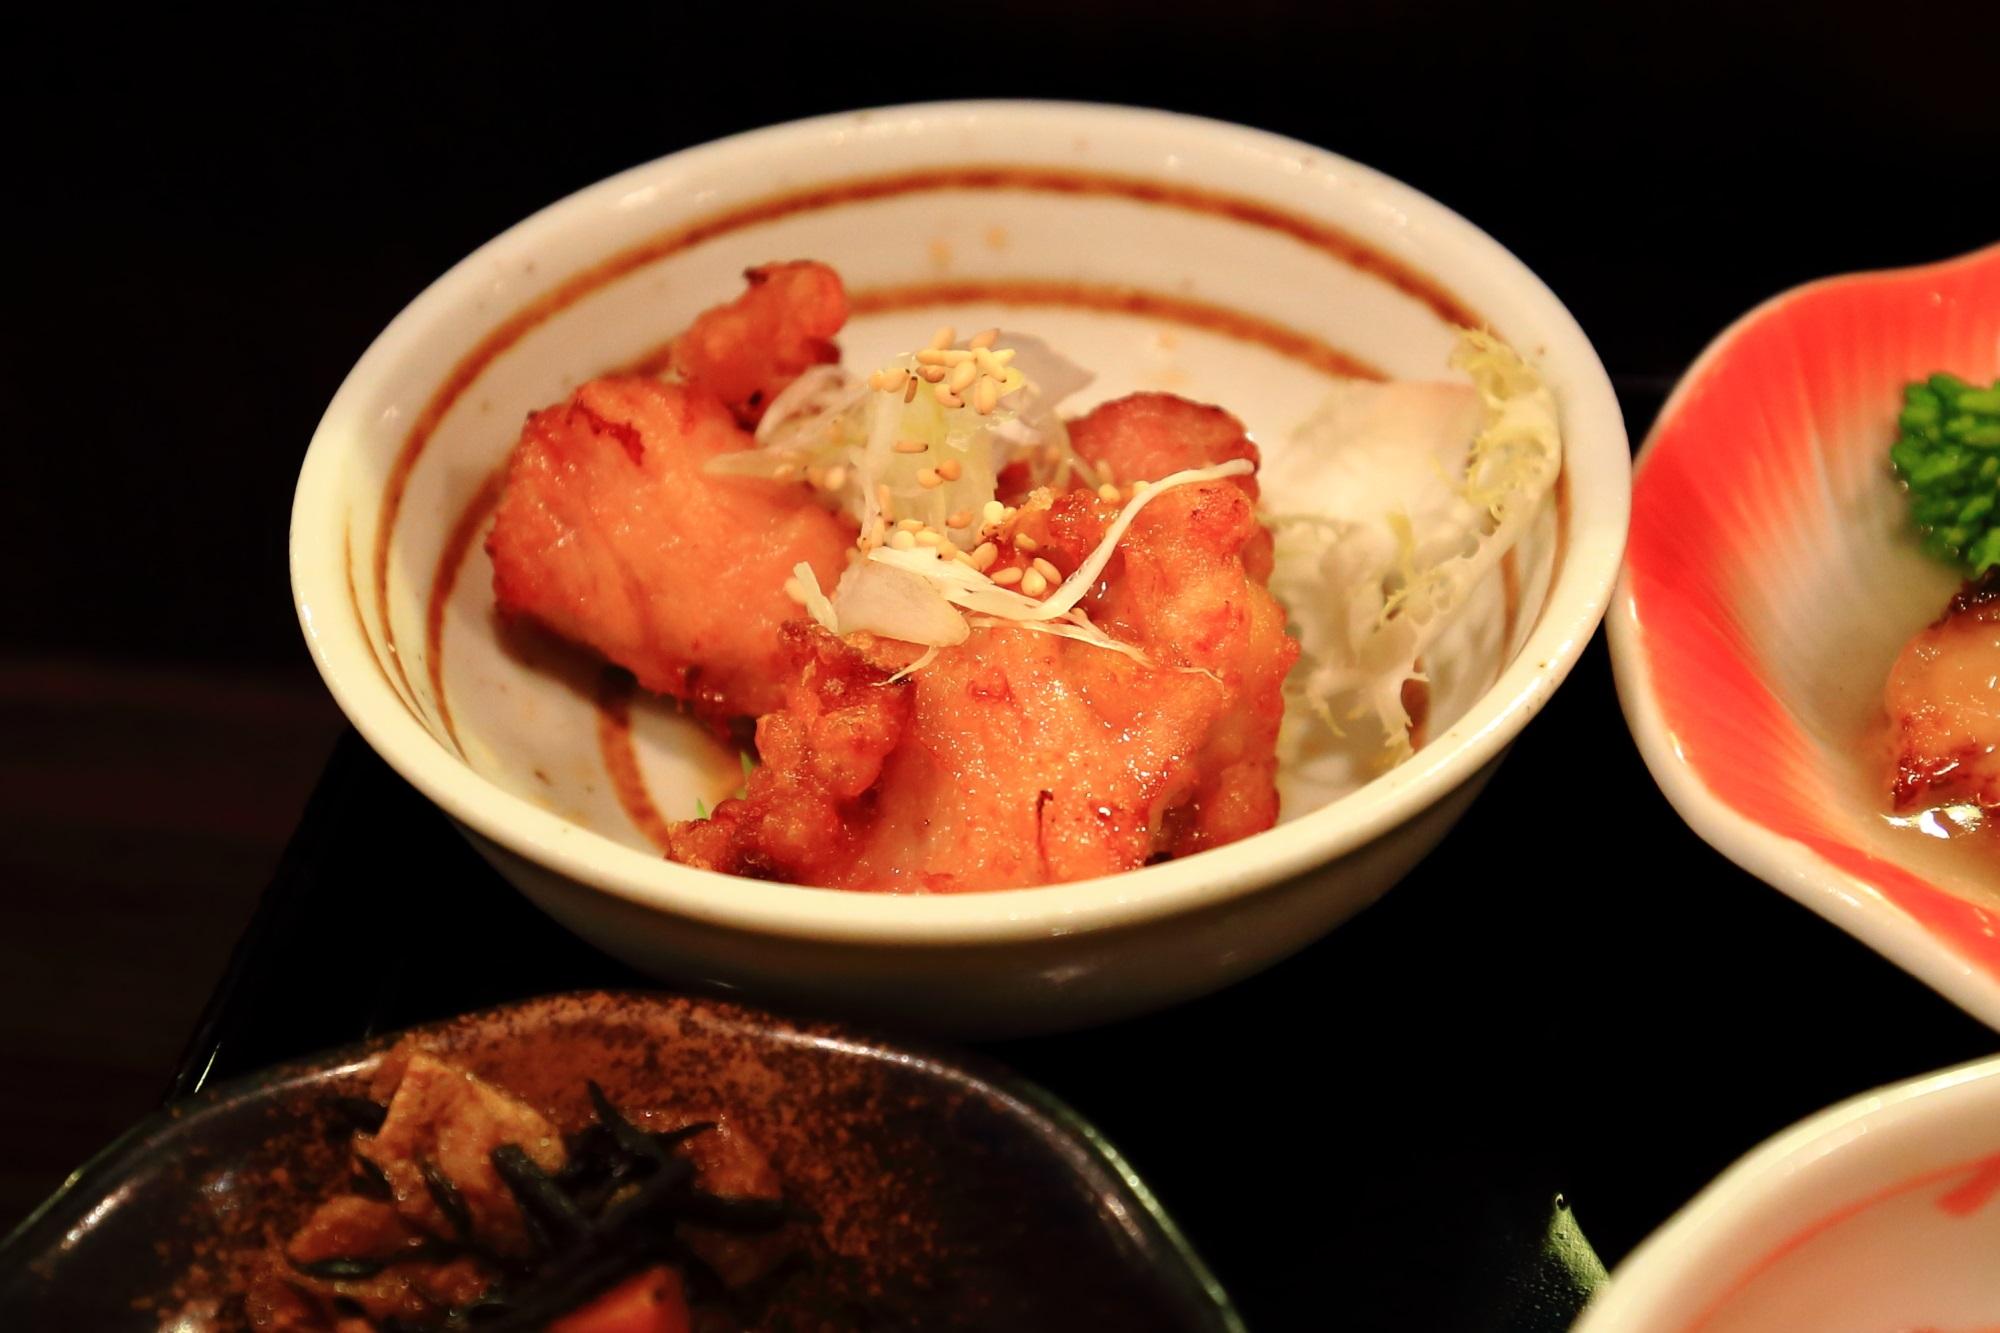 京町屋のおくどはんの和食ランチの美味しいおばんざい